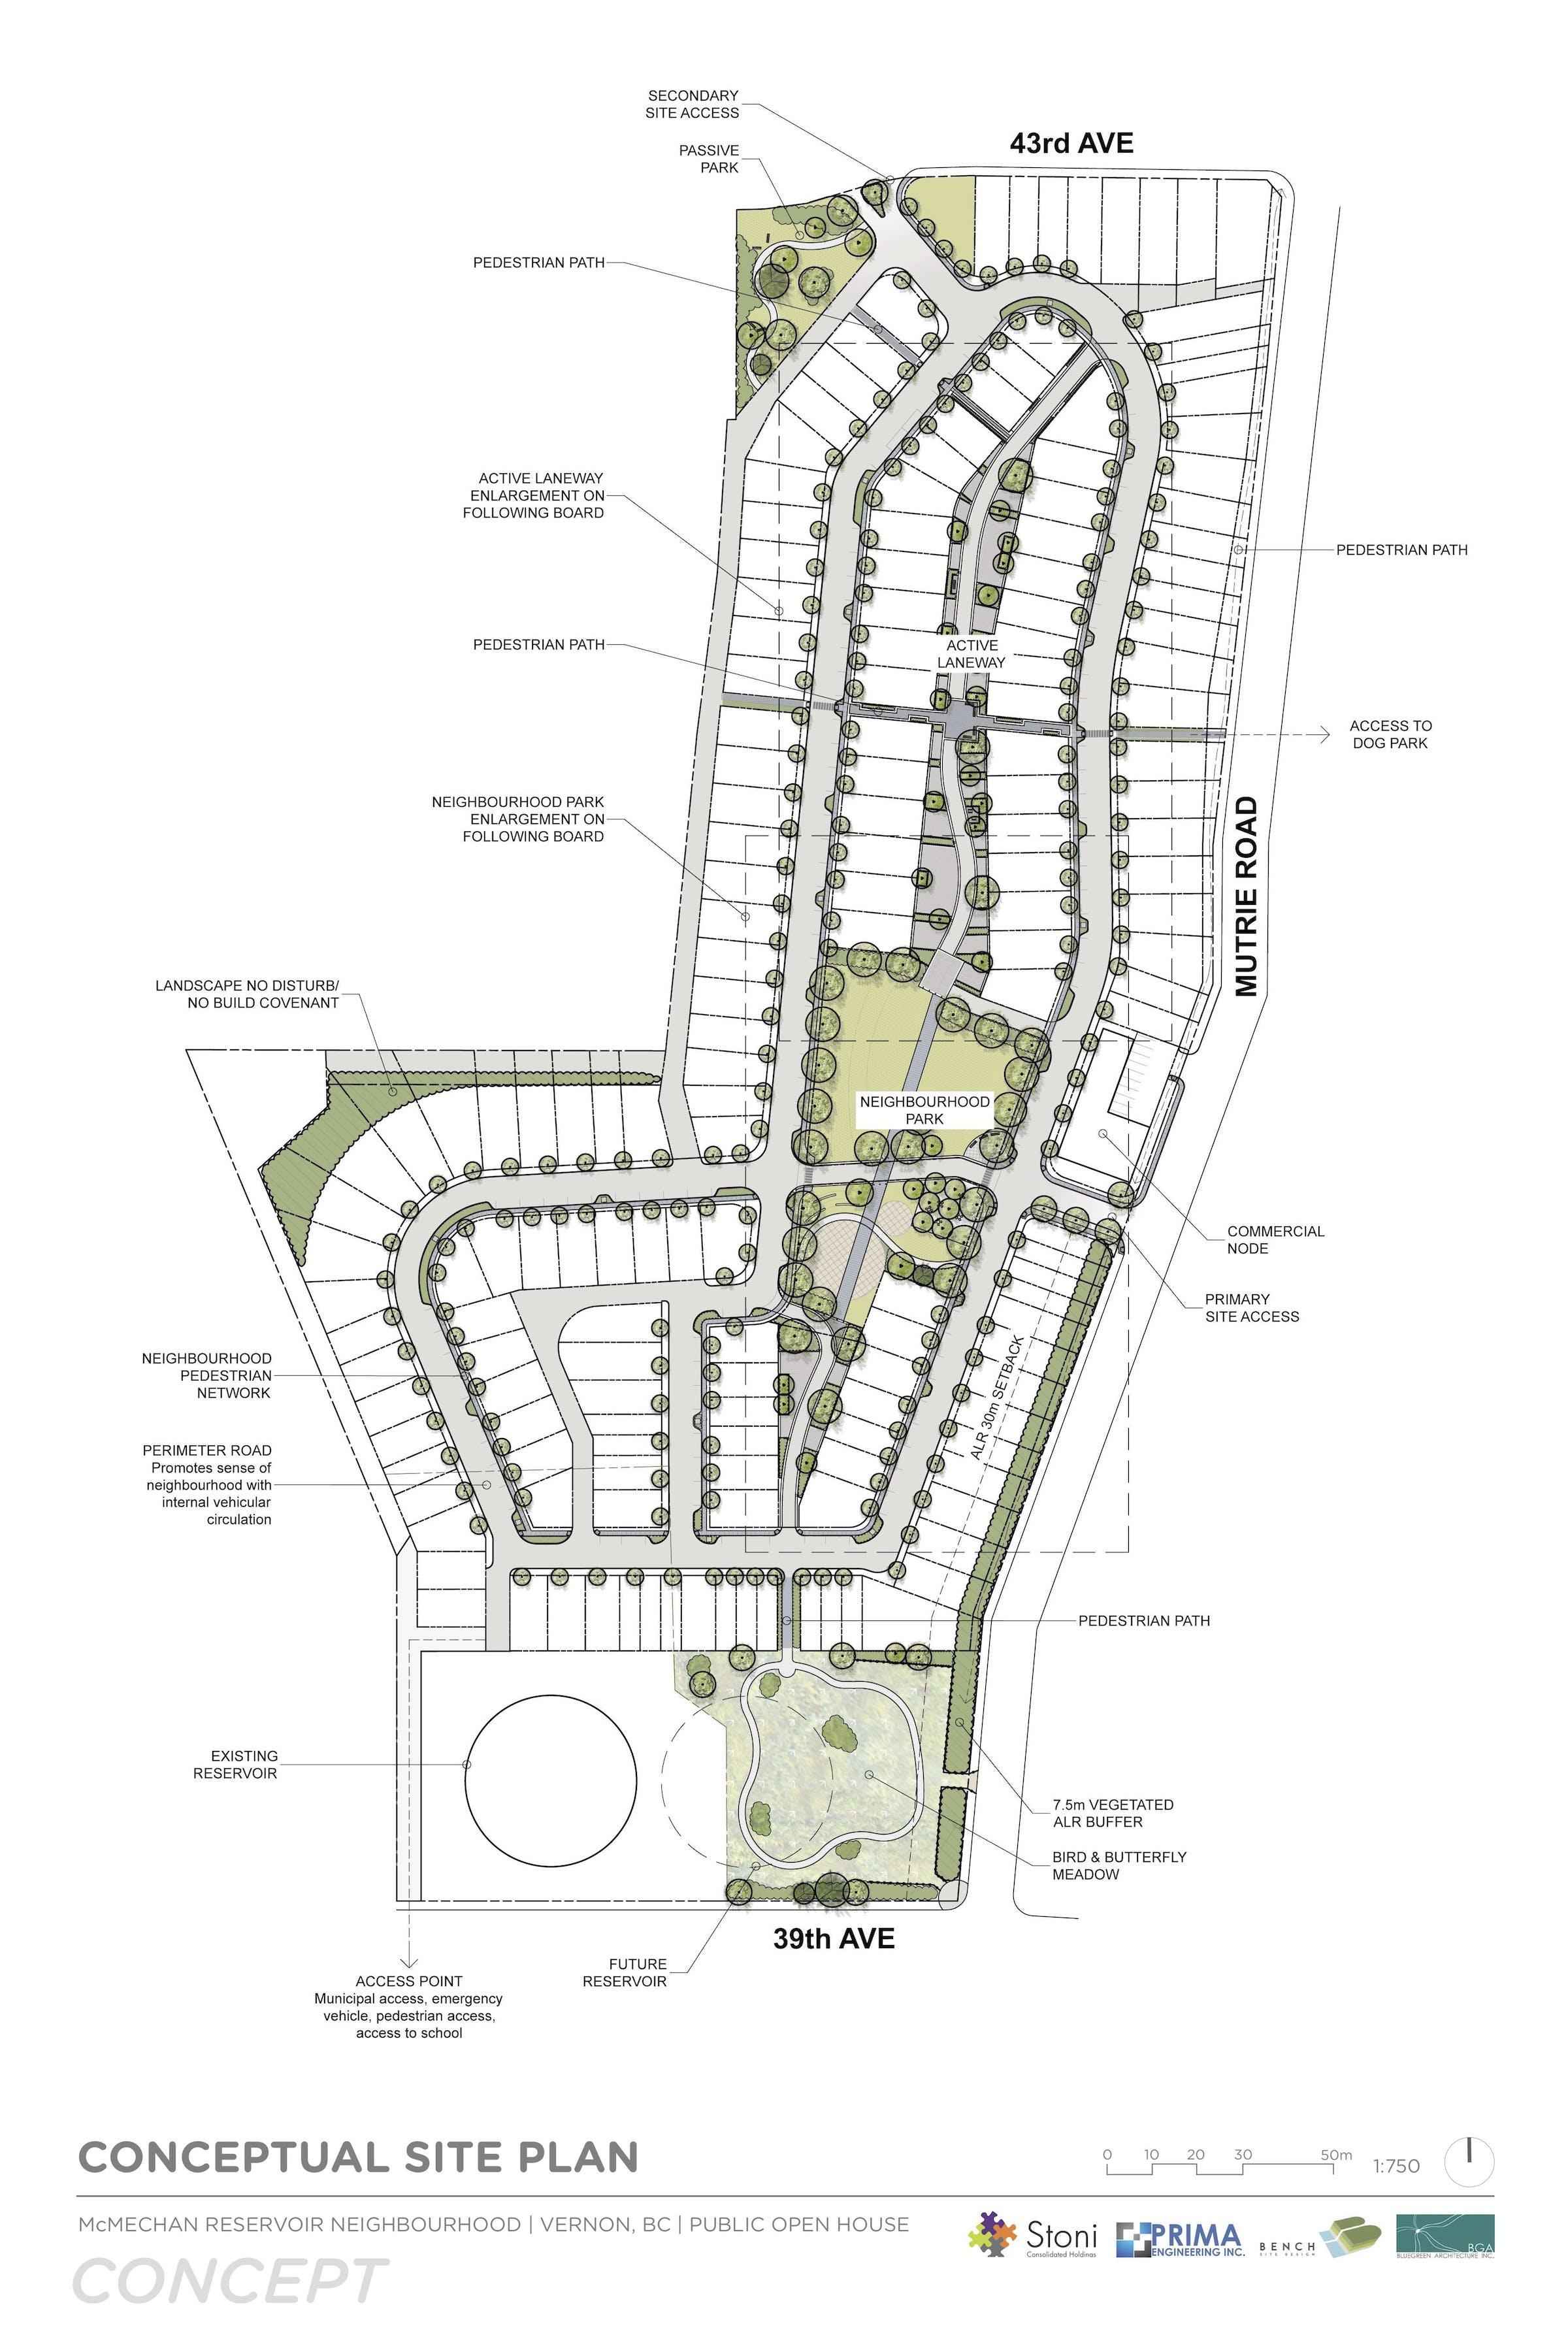 18 01 25 Mc Mechan Reservoir Oh Conceptual Site Plan